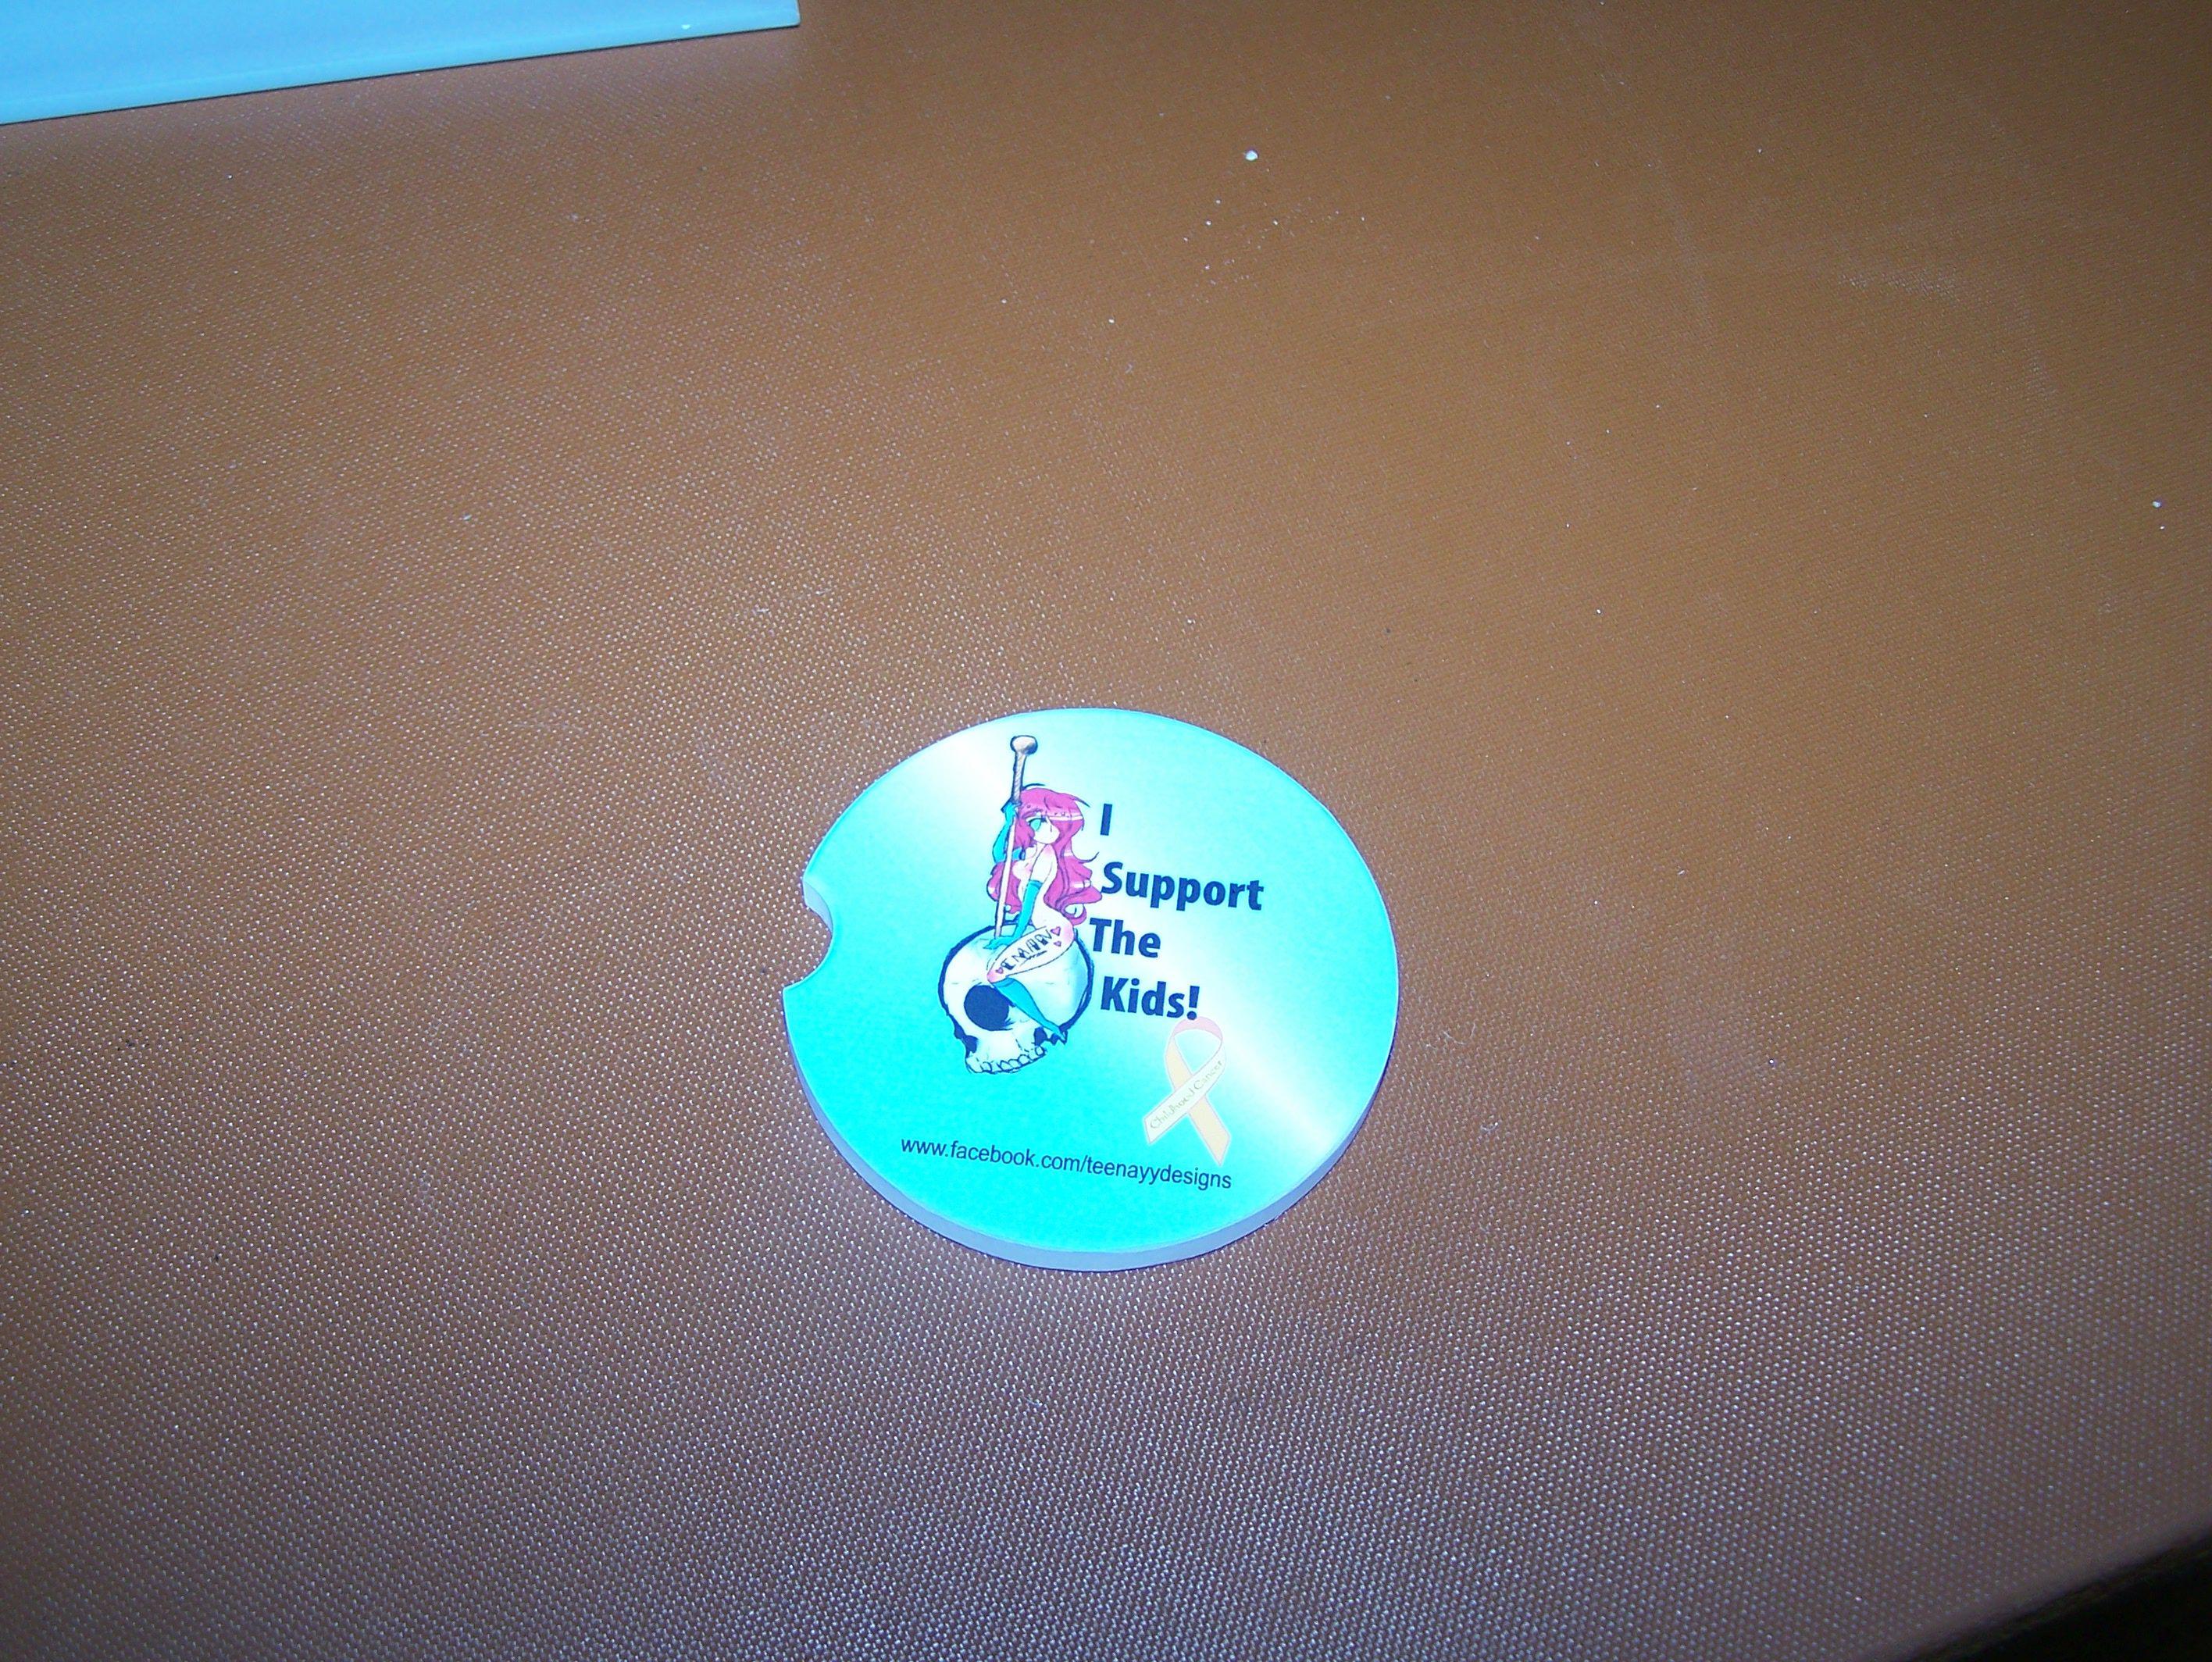 personalized car coaster, design your own at www.customrpinteddominoes.com